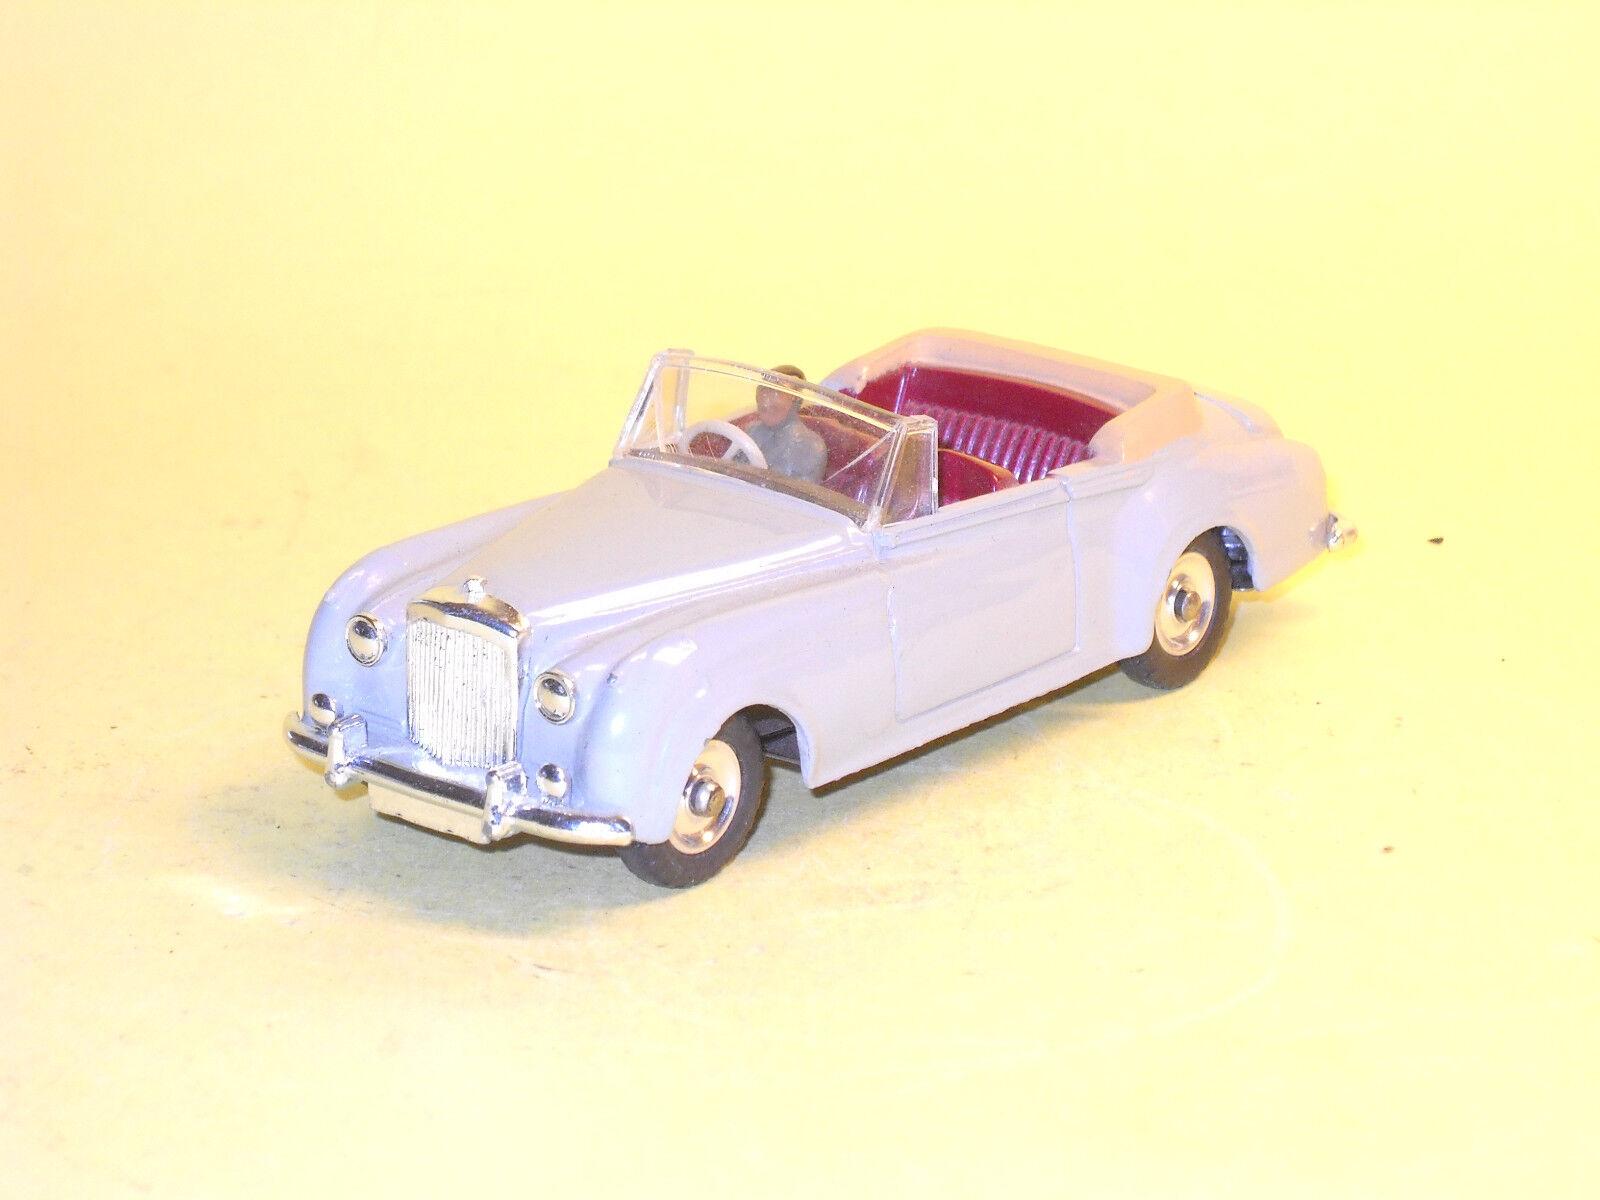 comprar barato Dinky Dinky Dinky Juguetes 194 Bentley S2, Hecho En Inglaterra  barato y de alta calidad